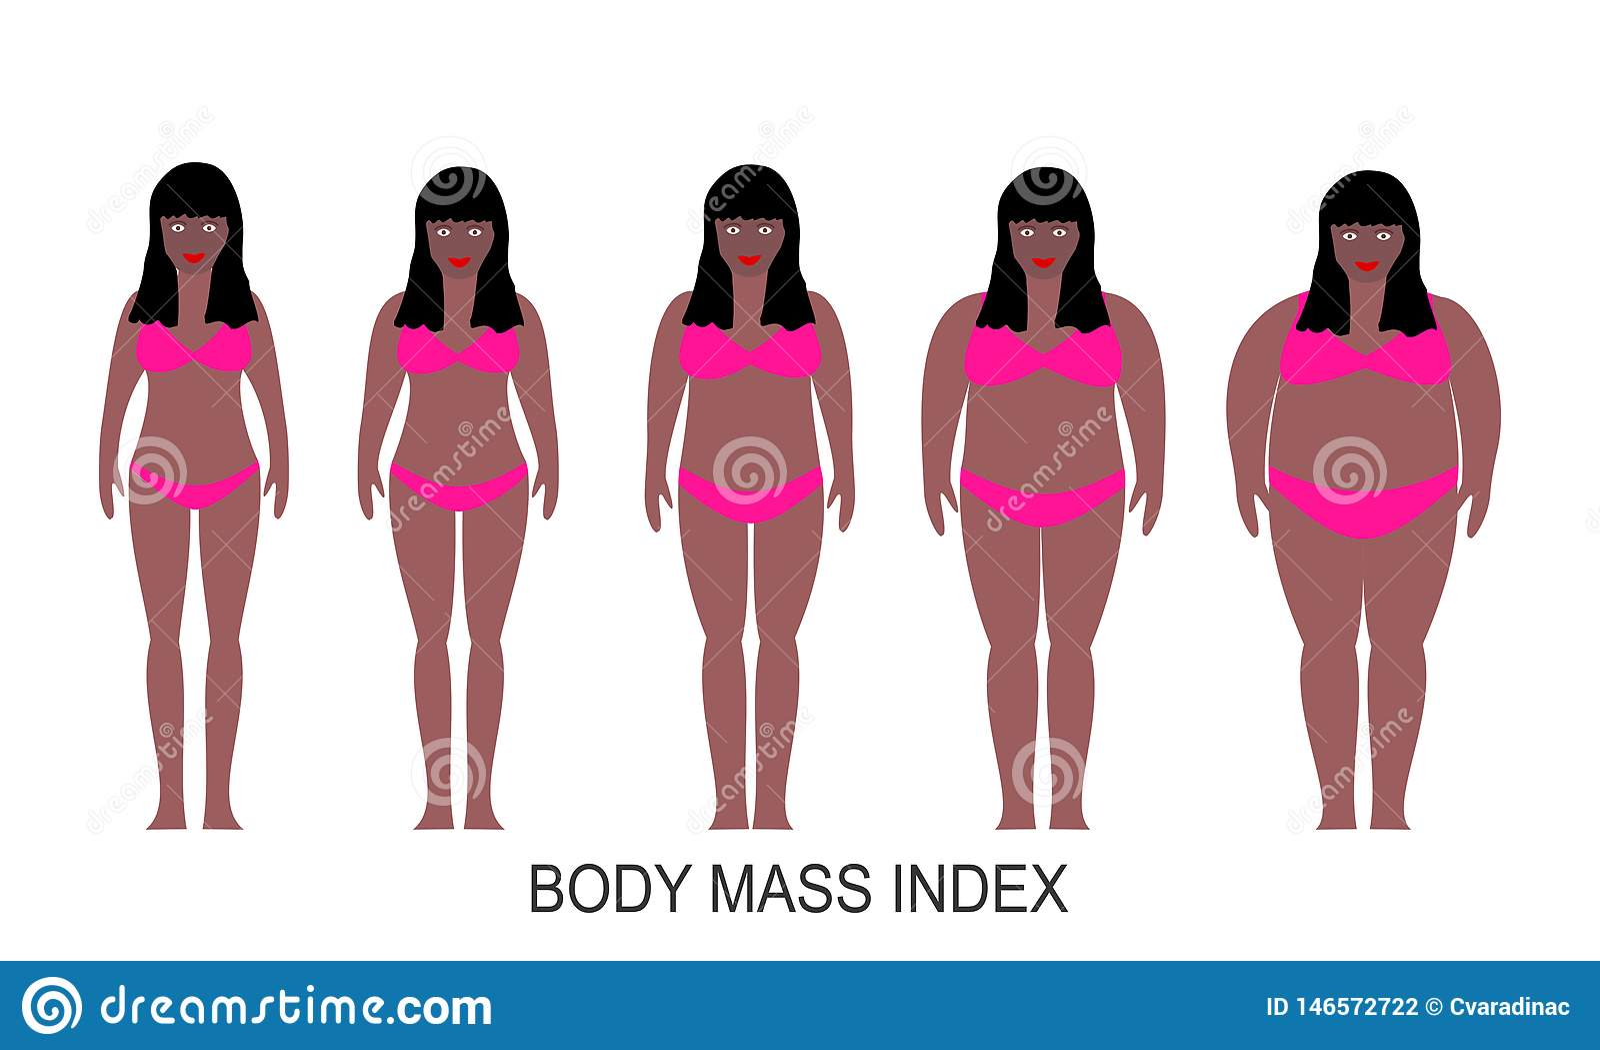 Vektorillustration von Frauenschattenbildern mit dunkler Haut Frauen mit unterschiedlichem Gewicht von normalem zu extrem beleibt